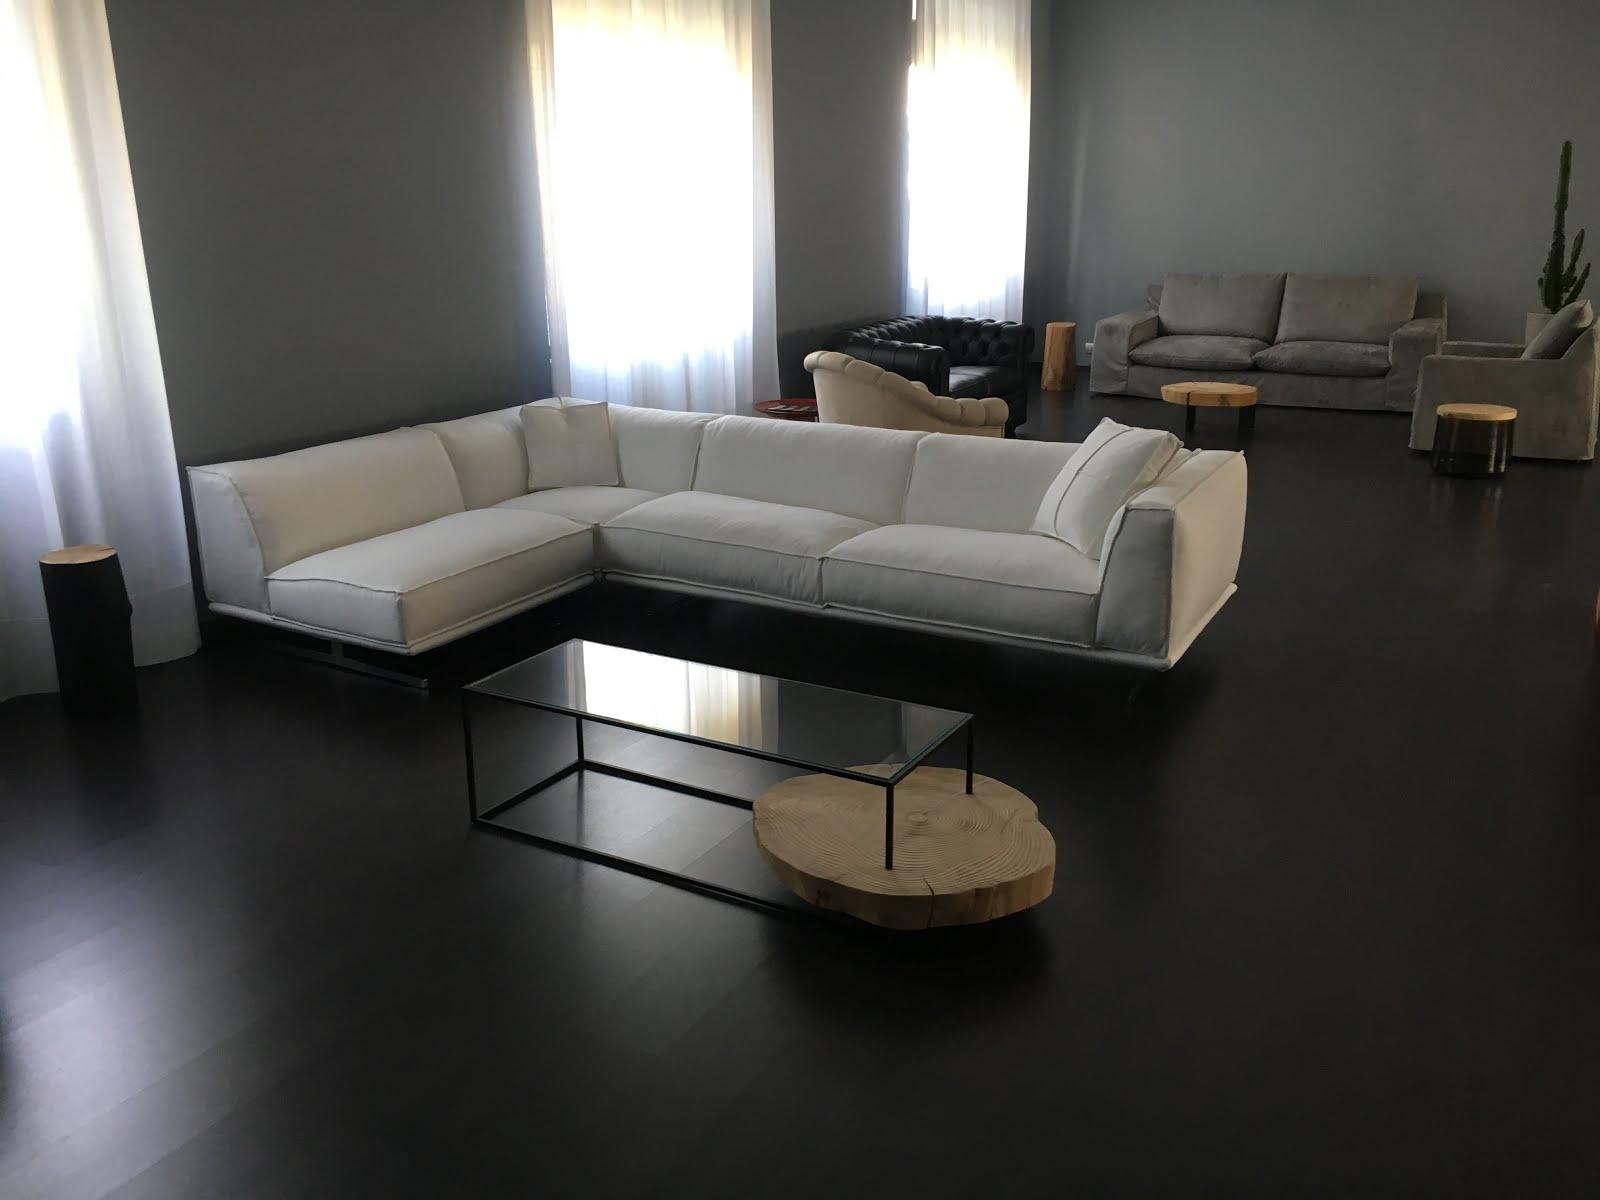 Work in progress nuovo spazio espositivo nuovi divani e for Nuovo arredo divani letto